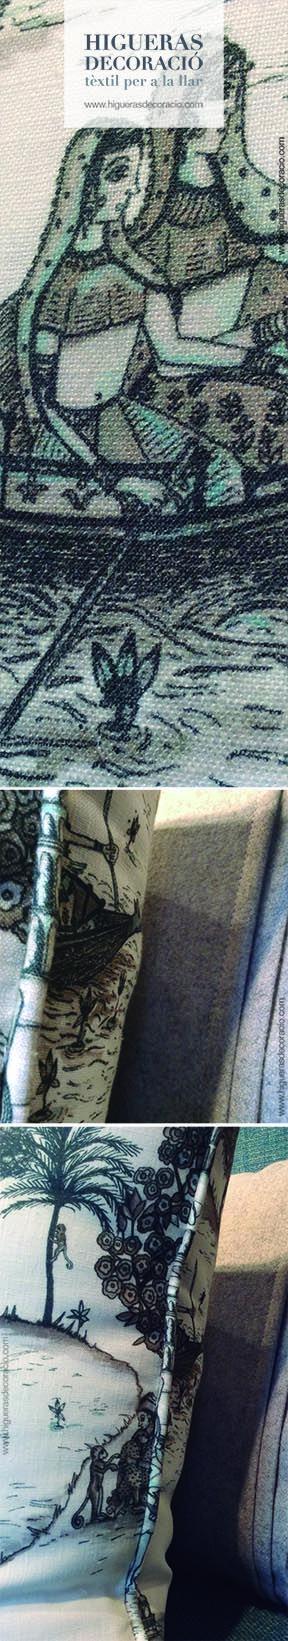 #Cojin de tejido natural. #Cojin de lino rústico y elegante estampado. #Cojin con vivos. #Coixí de teixit natural. #Coixí de lli rústic i elegant estampat. www.higuerasdecoracio.com